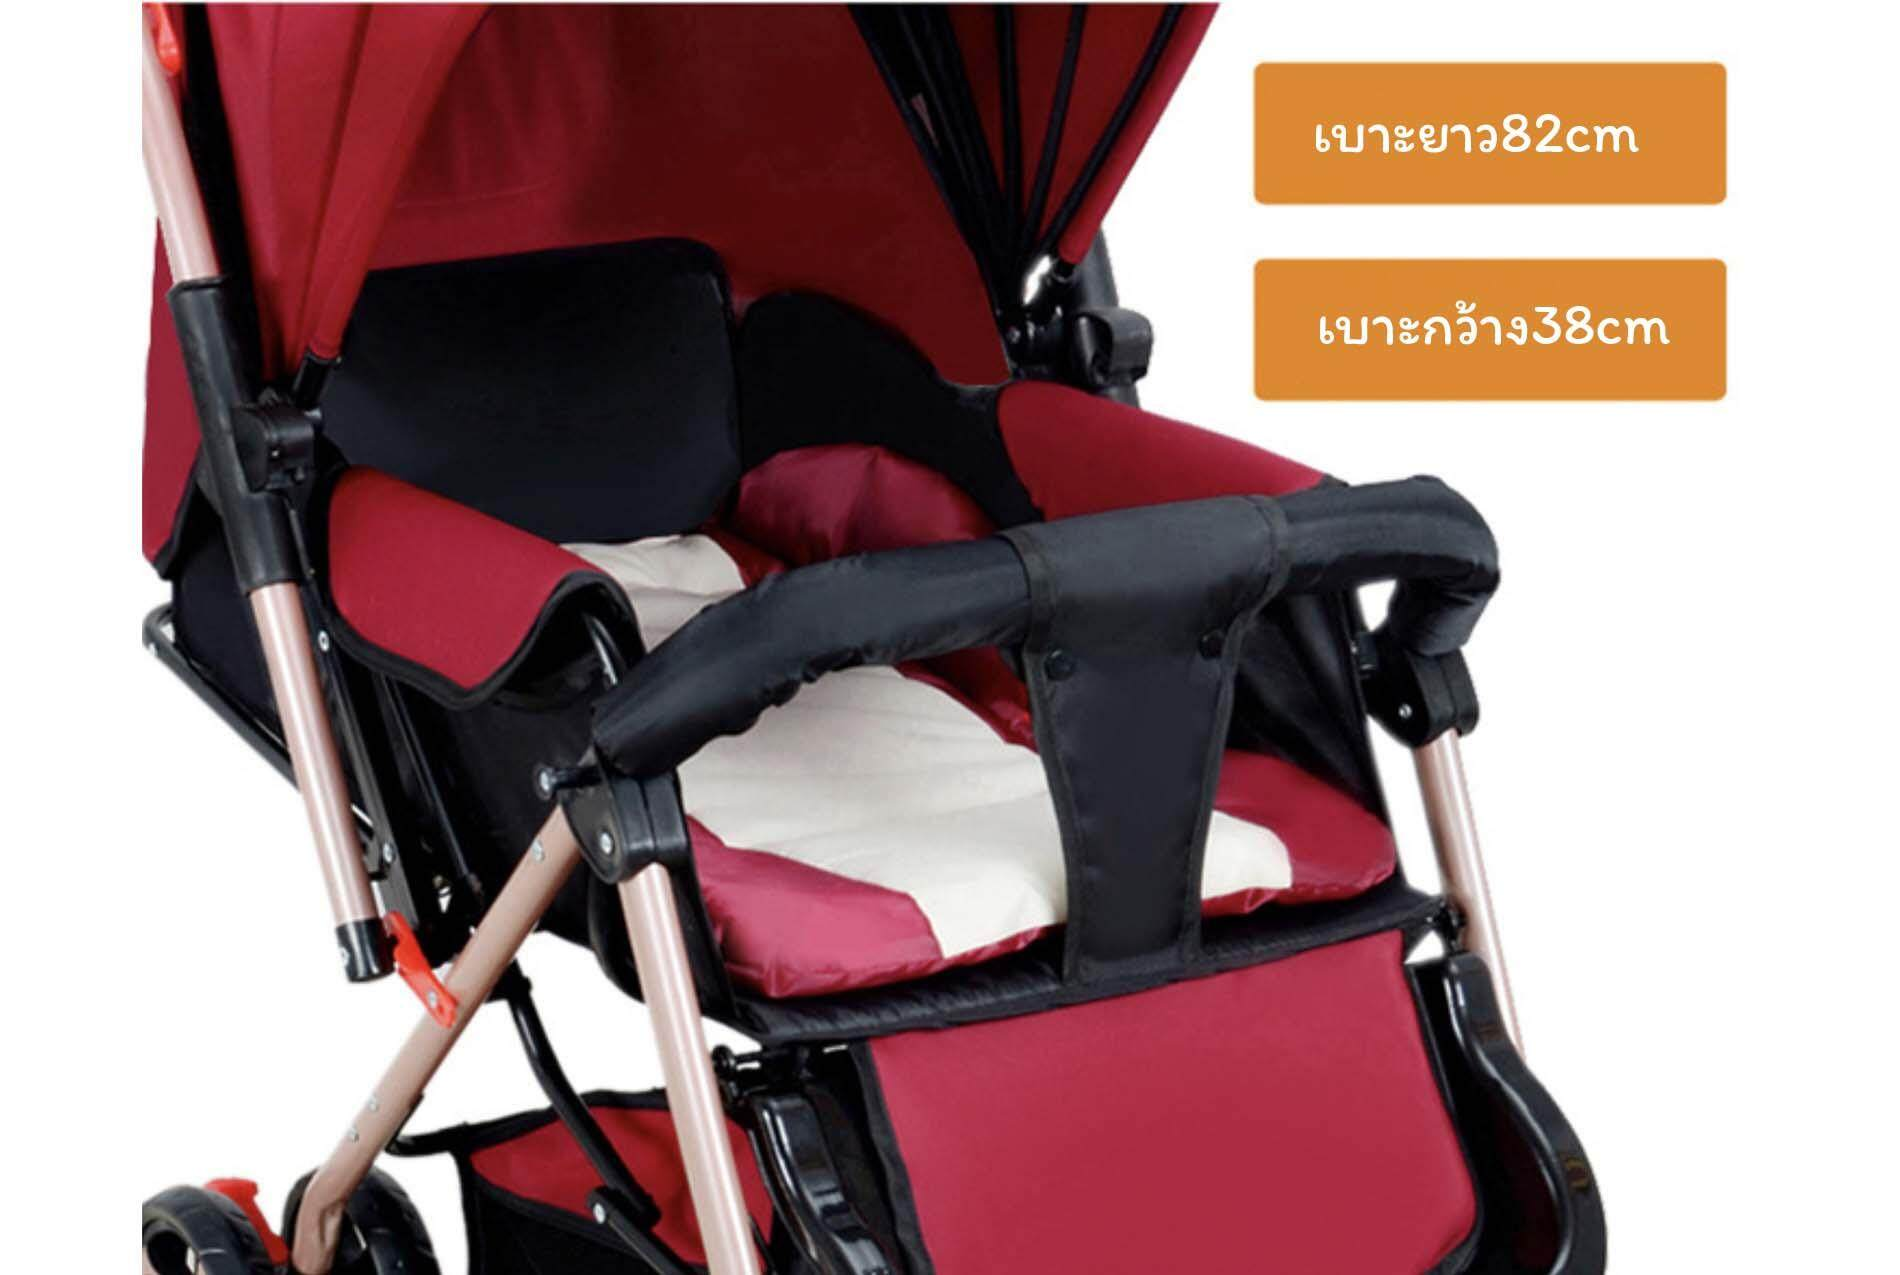 รีวิว Moon baby อุปกรณ์เสริมรถเข็นเด็ก ผ้ารองนั่งรถเข็นช้อปปิ้ง ป้องกันเชื้อโรคที่ติดมากับเข็น ลายดอท รีวิวดีที่สุด อันดับ1